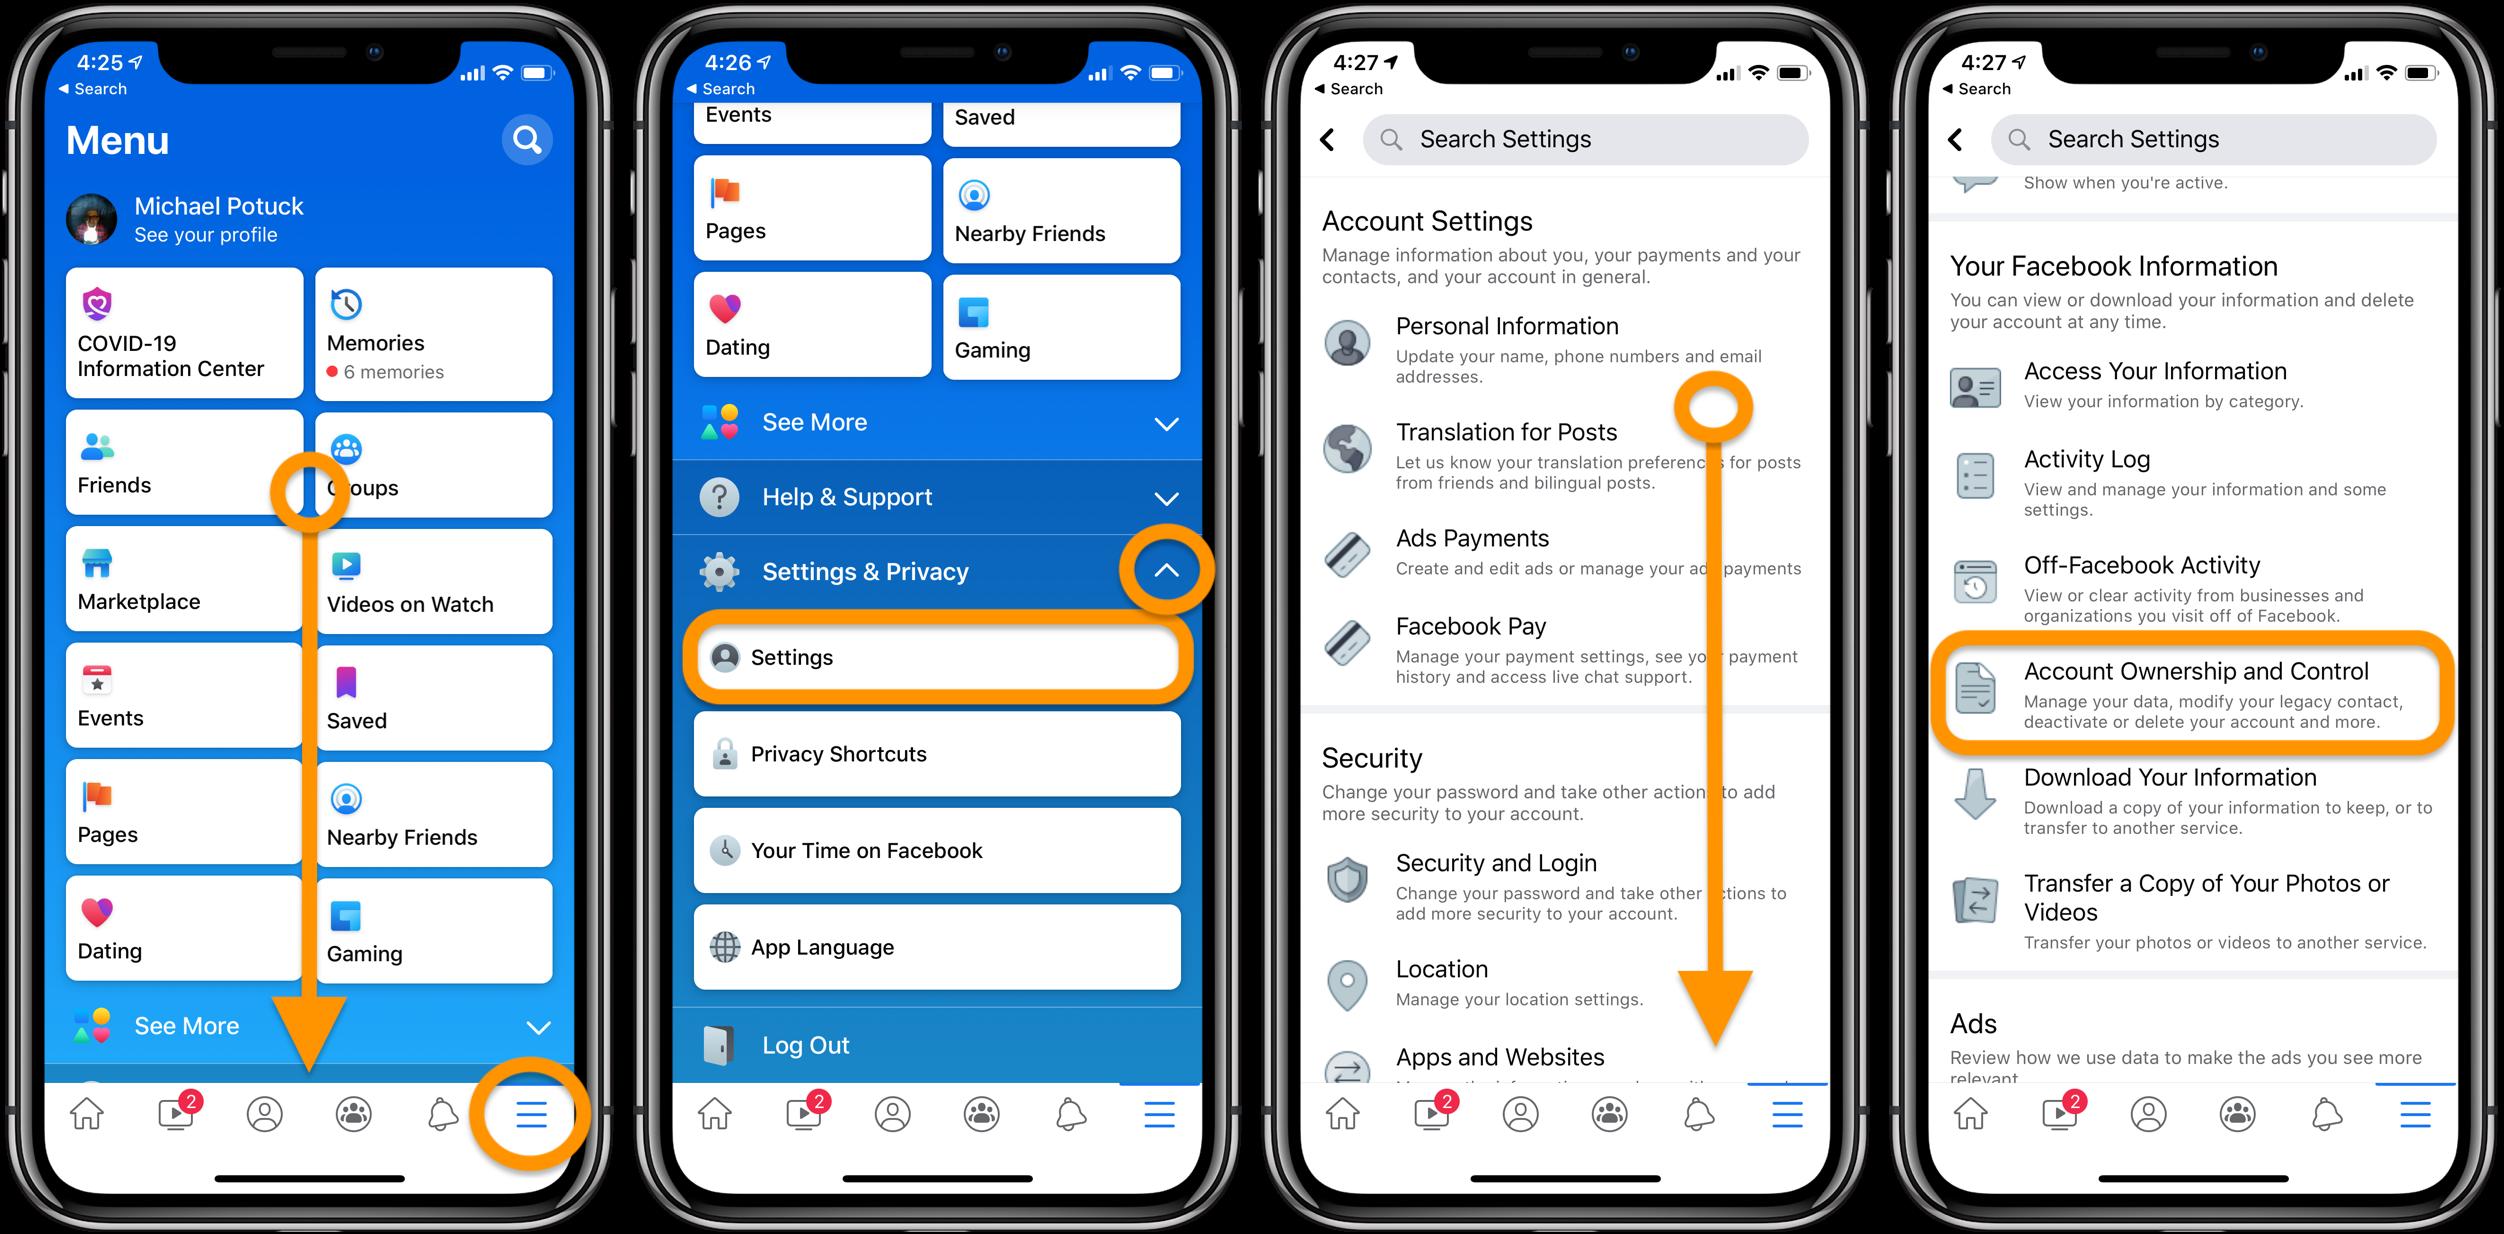 """<span href=""""https://9to5mac.com/2020/06/03/how-to-deactivate-delete-your-facebook-account-or-change-privacy-settings-on-iphone/"""">Cómo desactivar o eliminar su Facebook cuenta o cambiar la configuración de privacidad en iPhone</a>"""